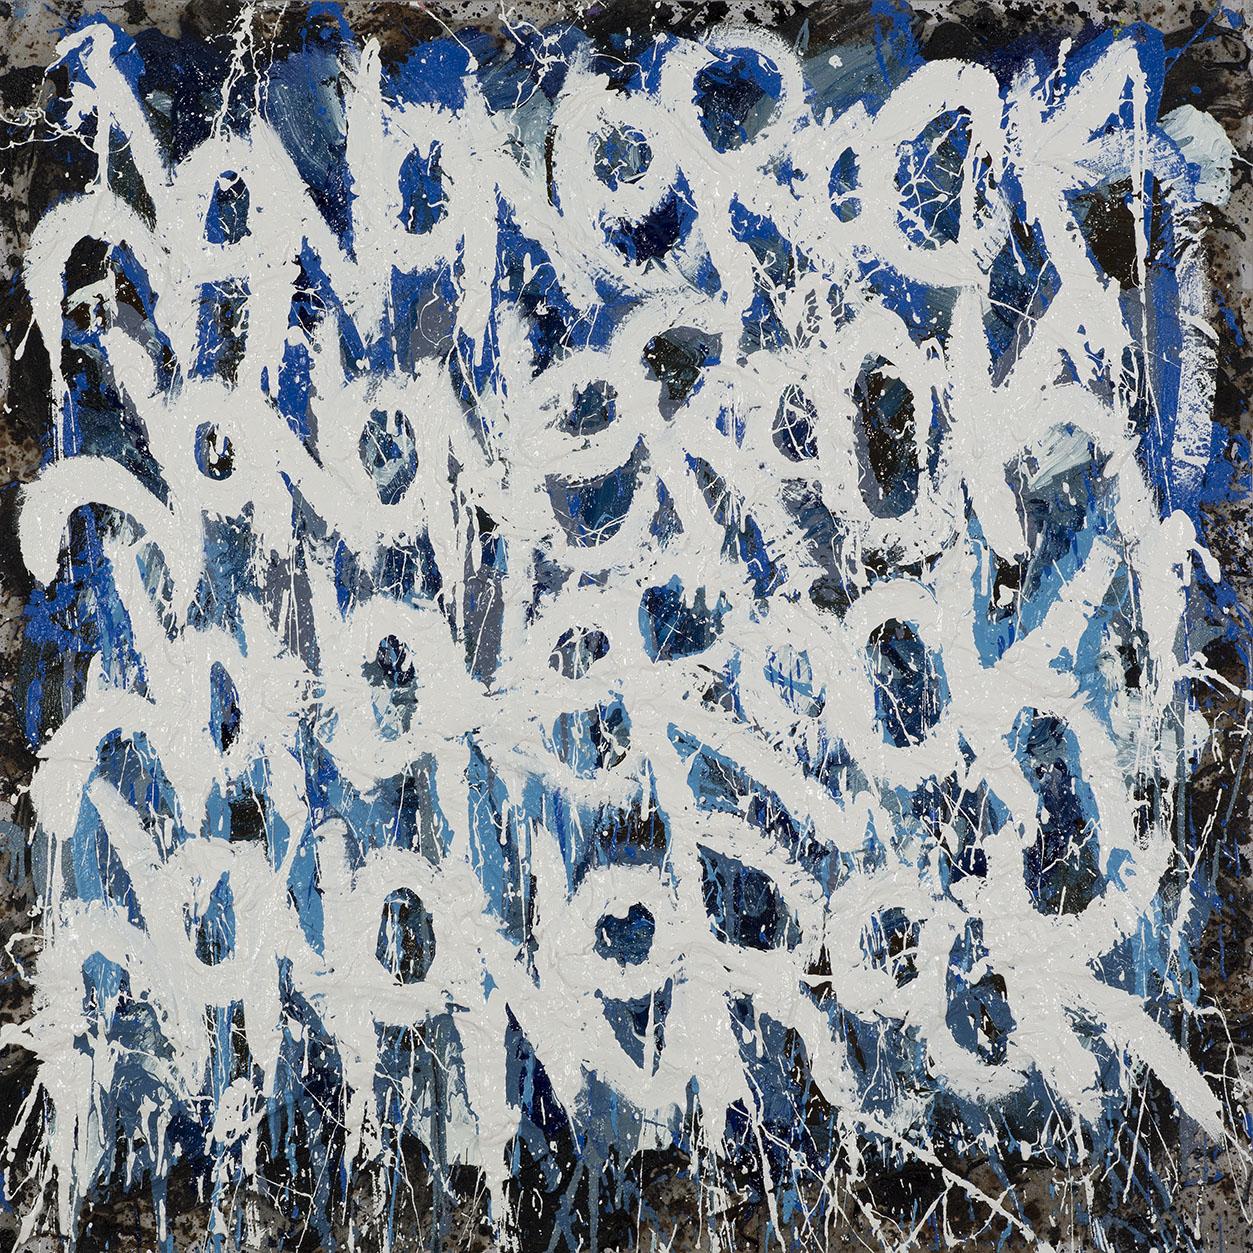 JonOne Manifestation 2014 110 x 110 cm